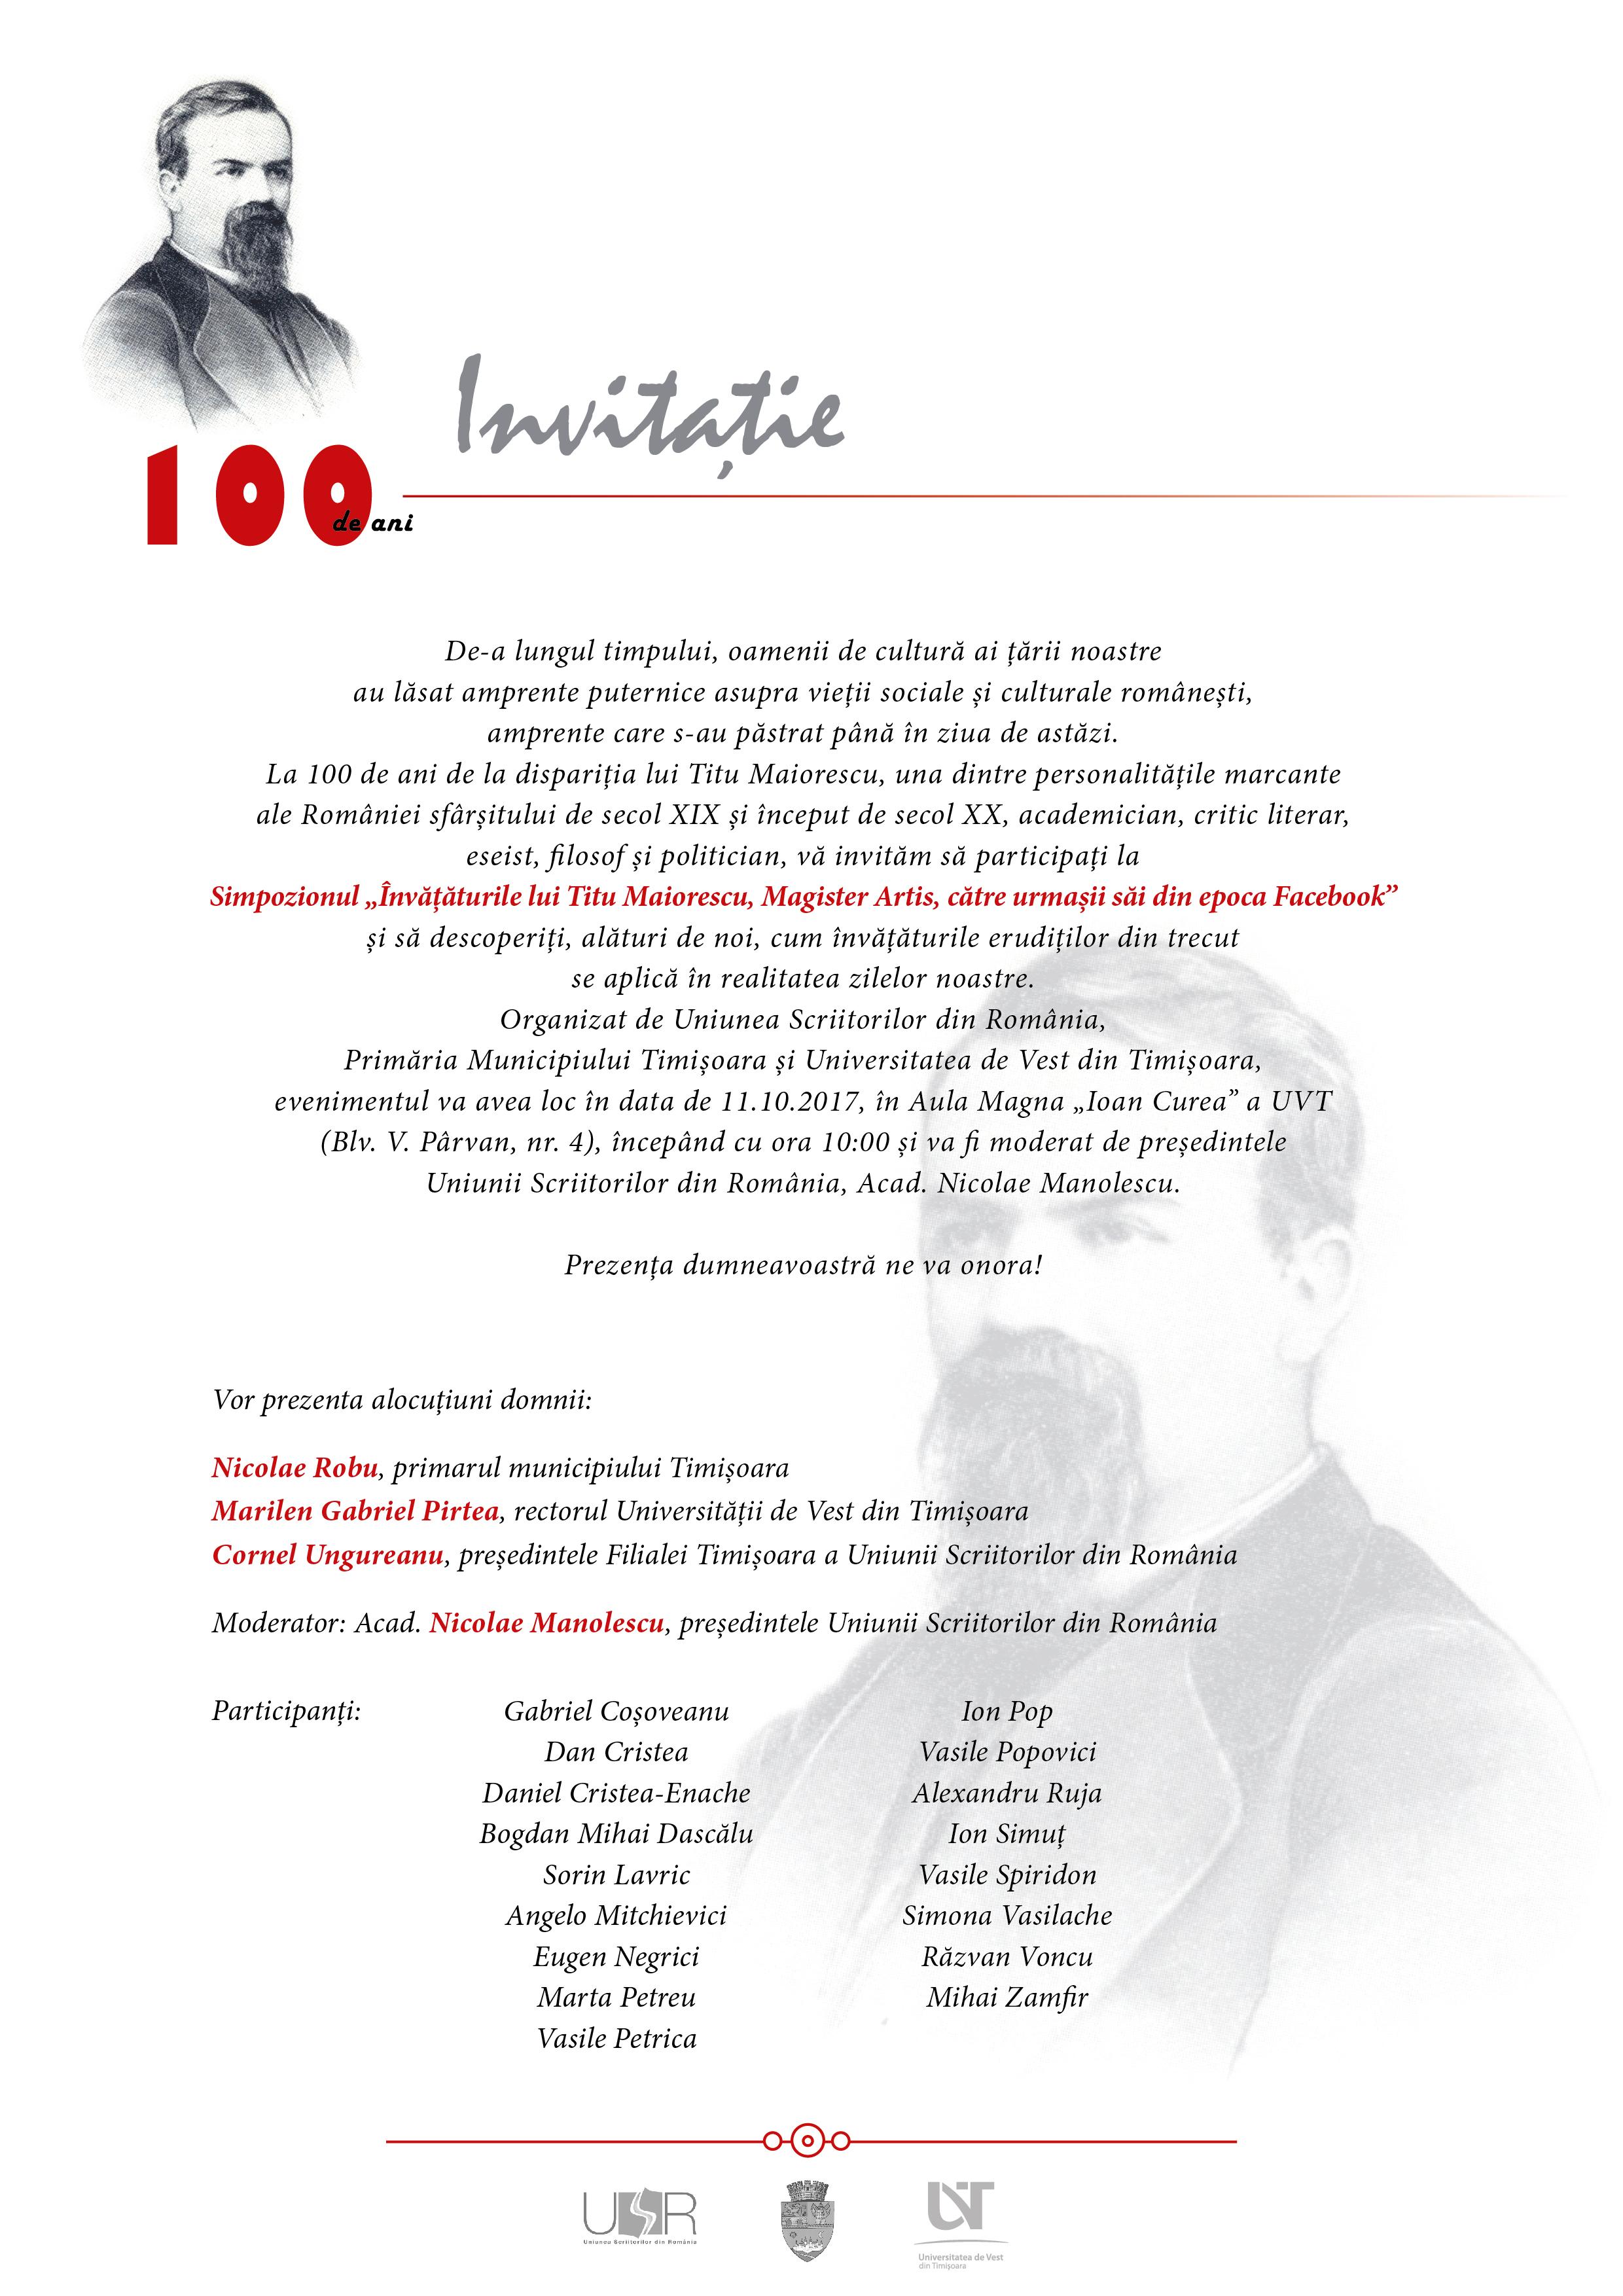 Maiorescu-Invitatie-01